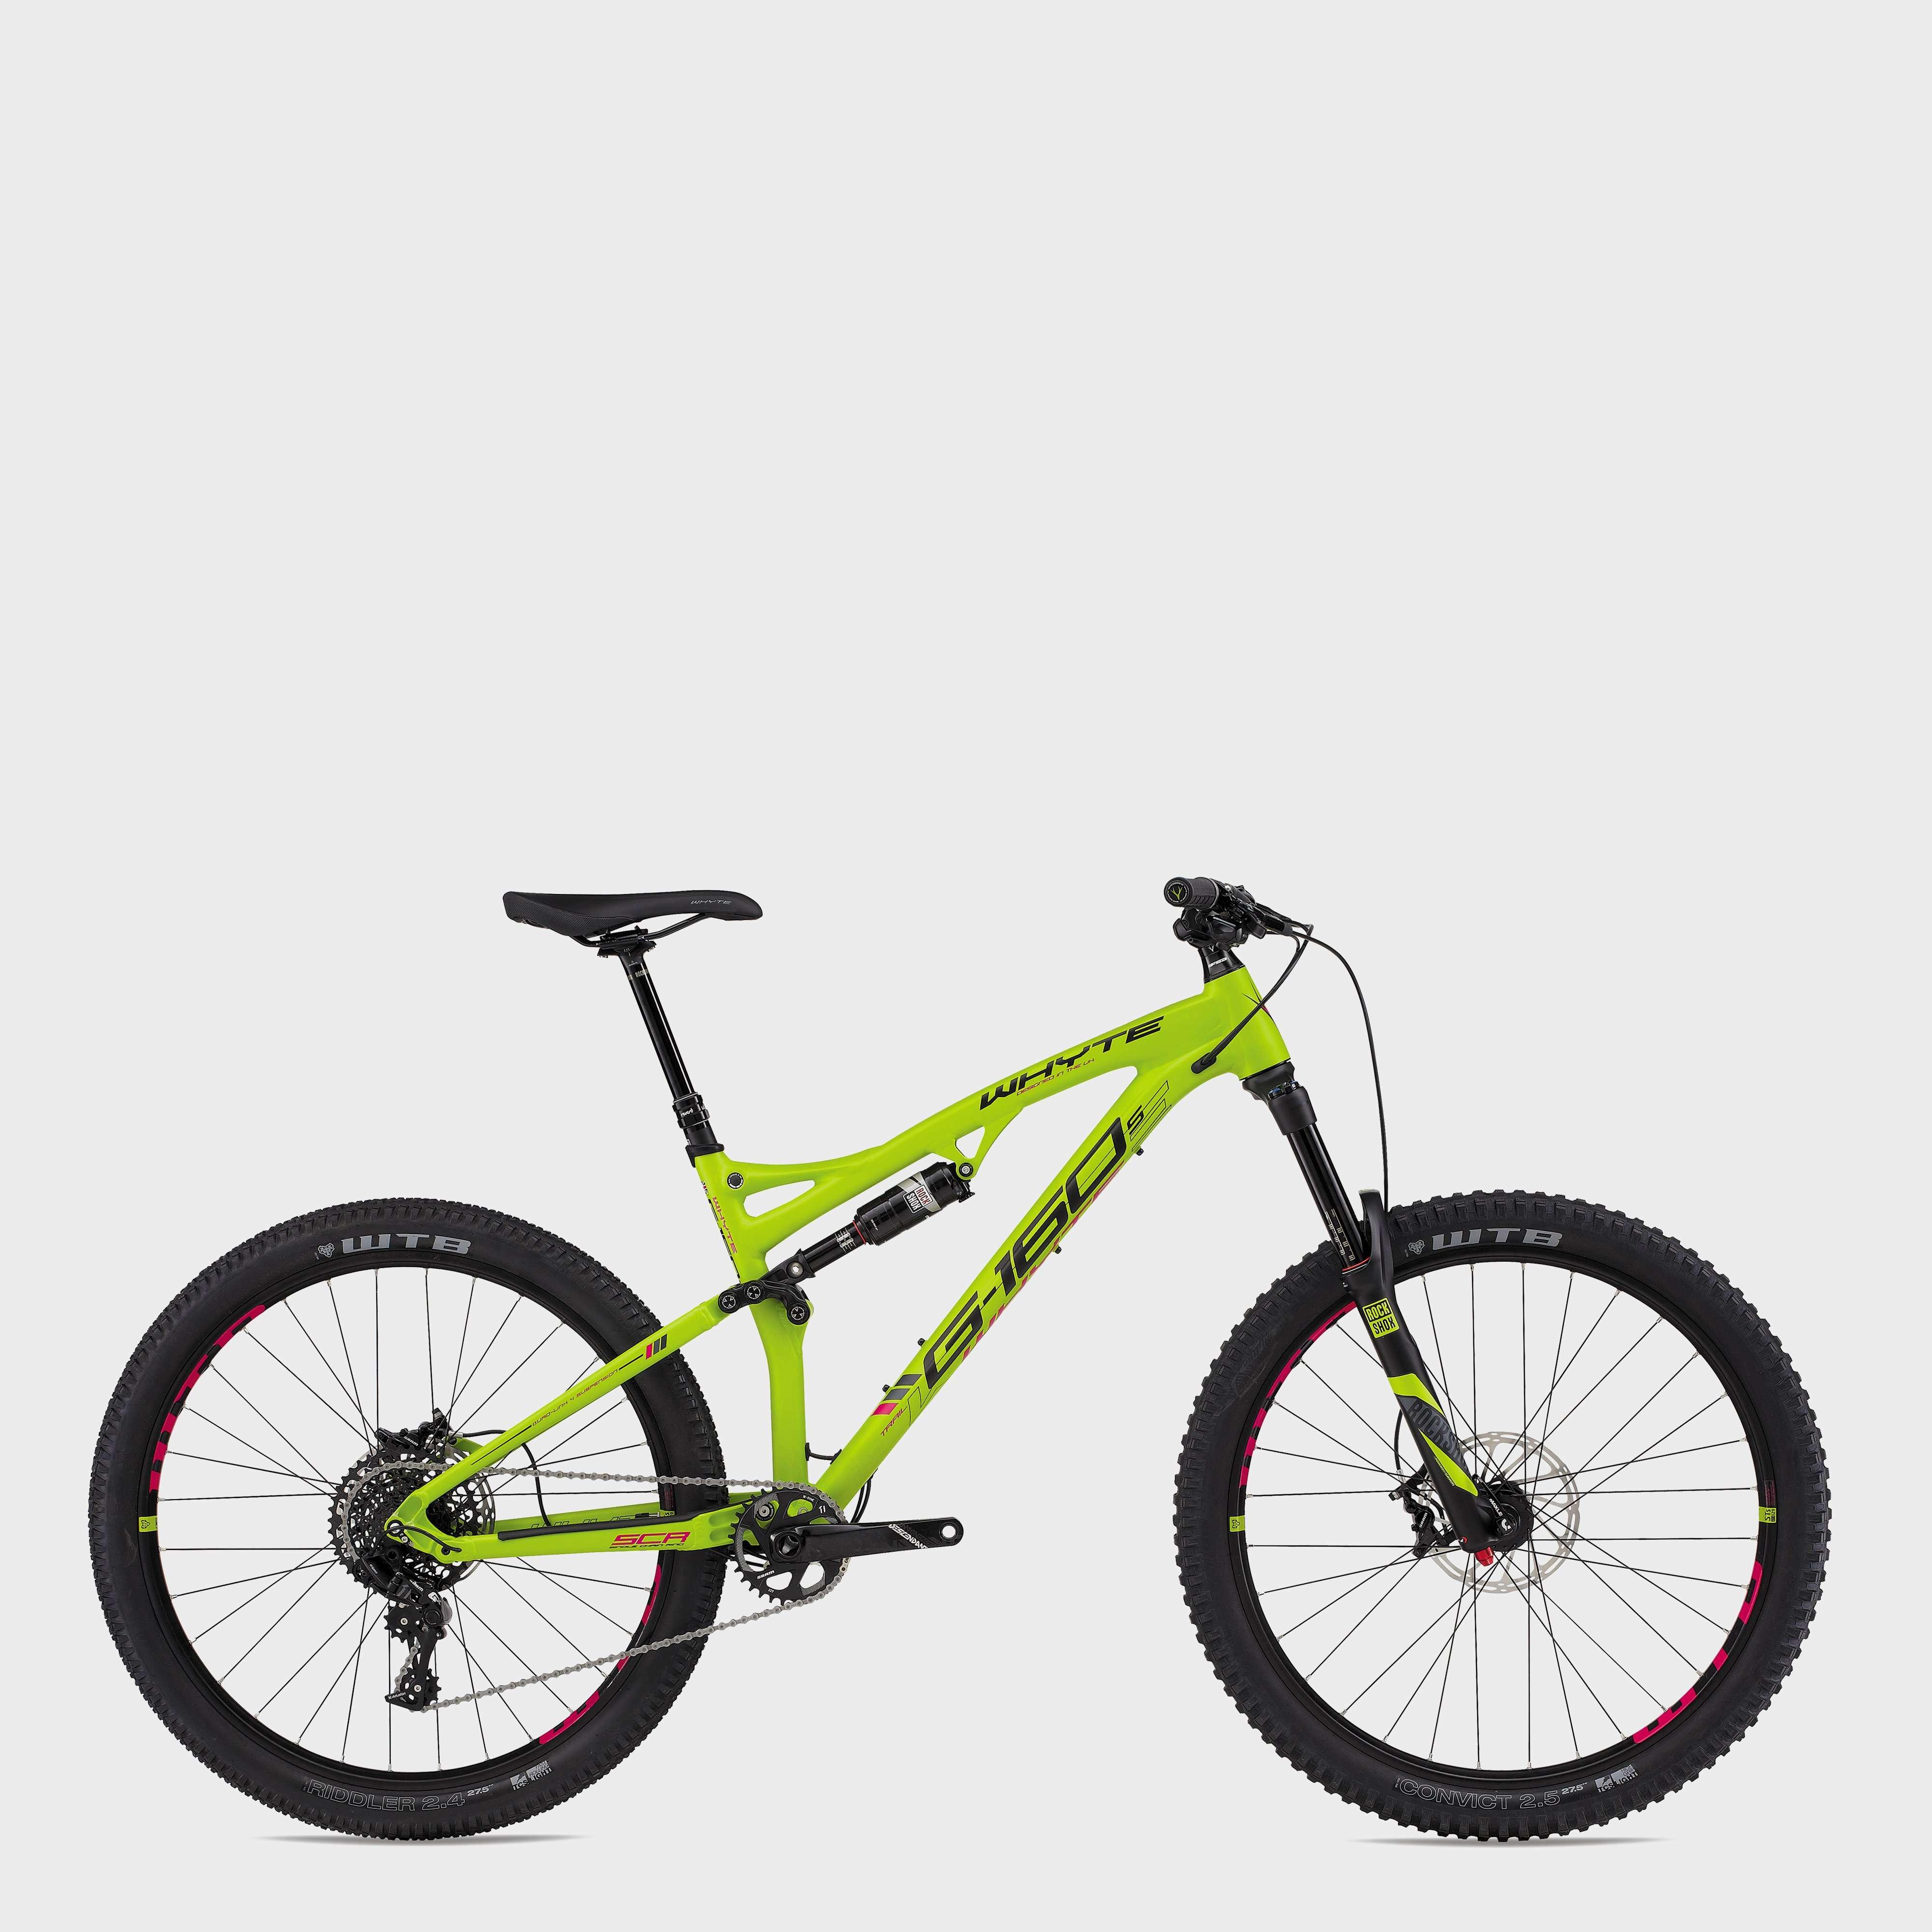 WHYTE BIKES G160S Full Suspension Bike